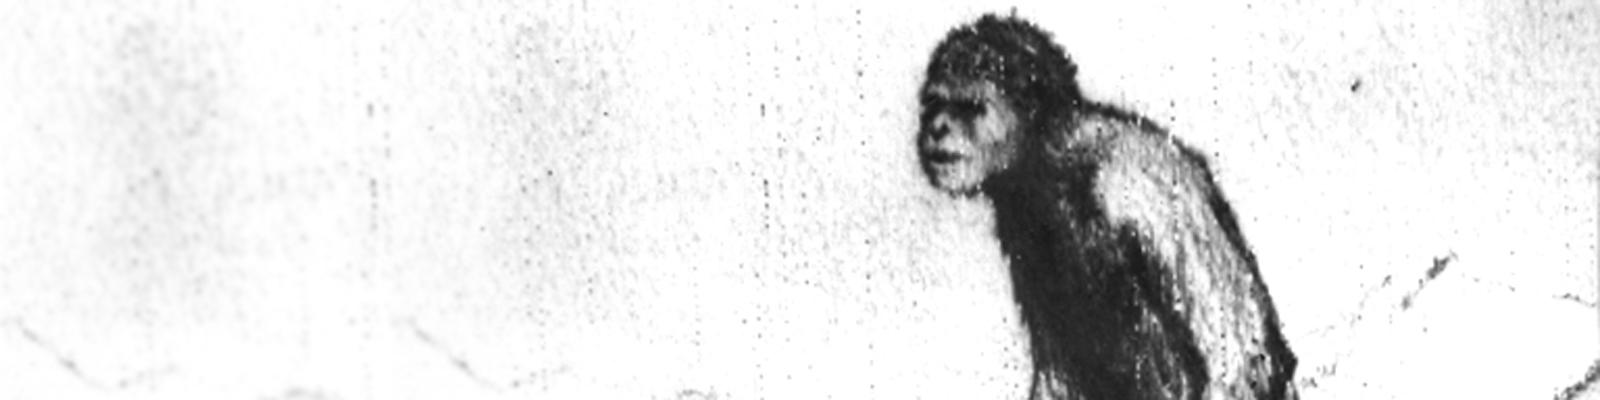 """Der sowjetische Wissenschaftler A.G. Pronin zeichnete diese Skizze eines affenähnlichen Wesens, daß seiner Ansicht nach den Schneemenschen """"Yeti"""" darstellt. Er will den Yeti zweimal gesehen haben."""